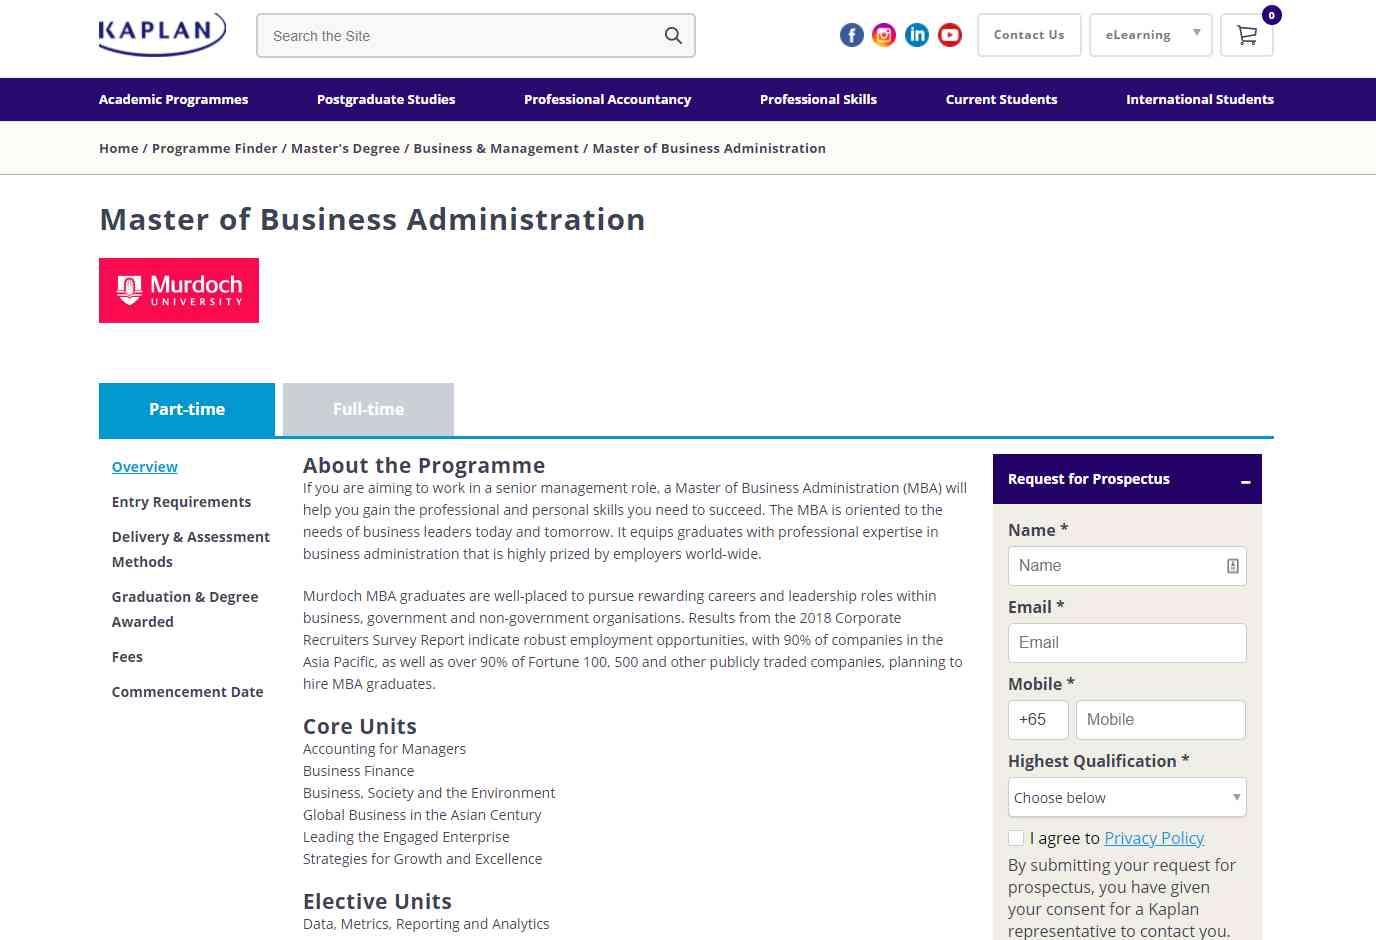 kaplan Top MBA Programmes in Singapore